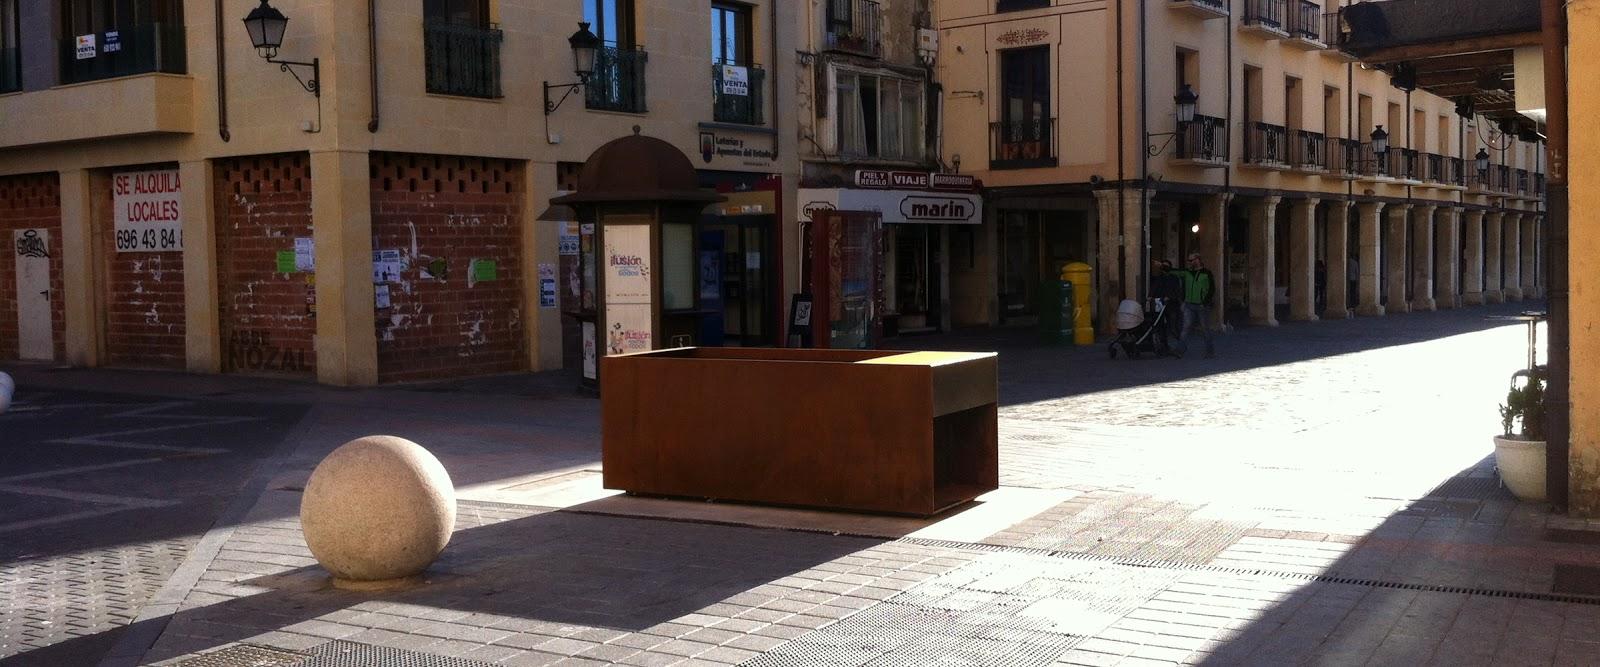 Sarcófago abrevadero, 2015 Abbé Nozal